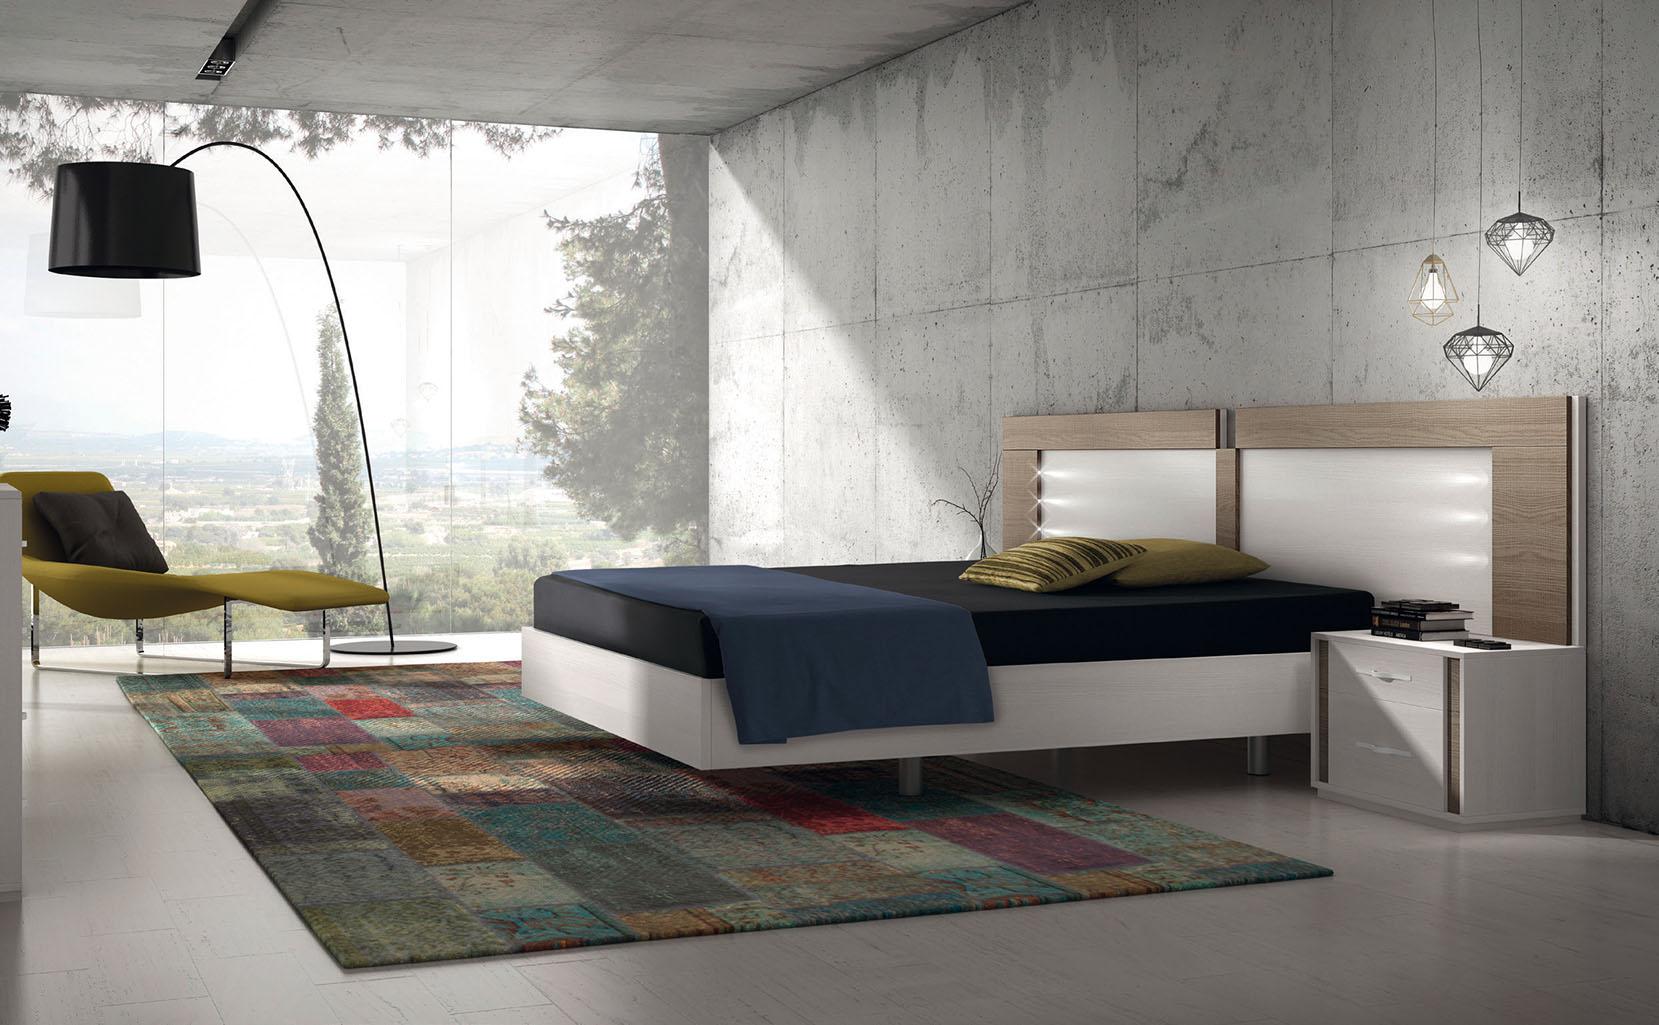 Revista el mueble dormitorios juveniles kibuc muebles y dormitorio juvenil home at home with - Dormitorios juveniles el mueble ...